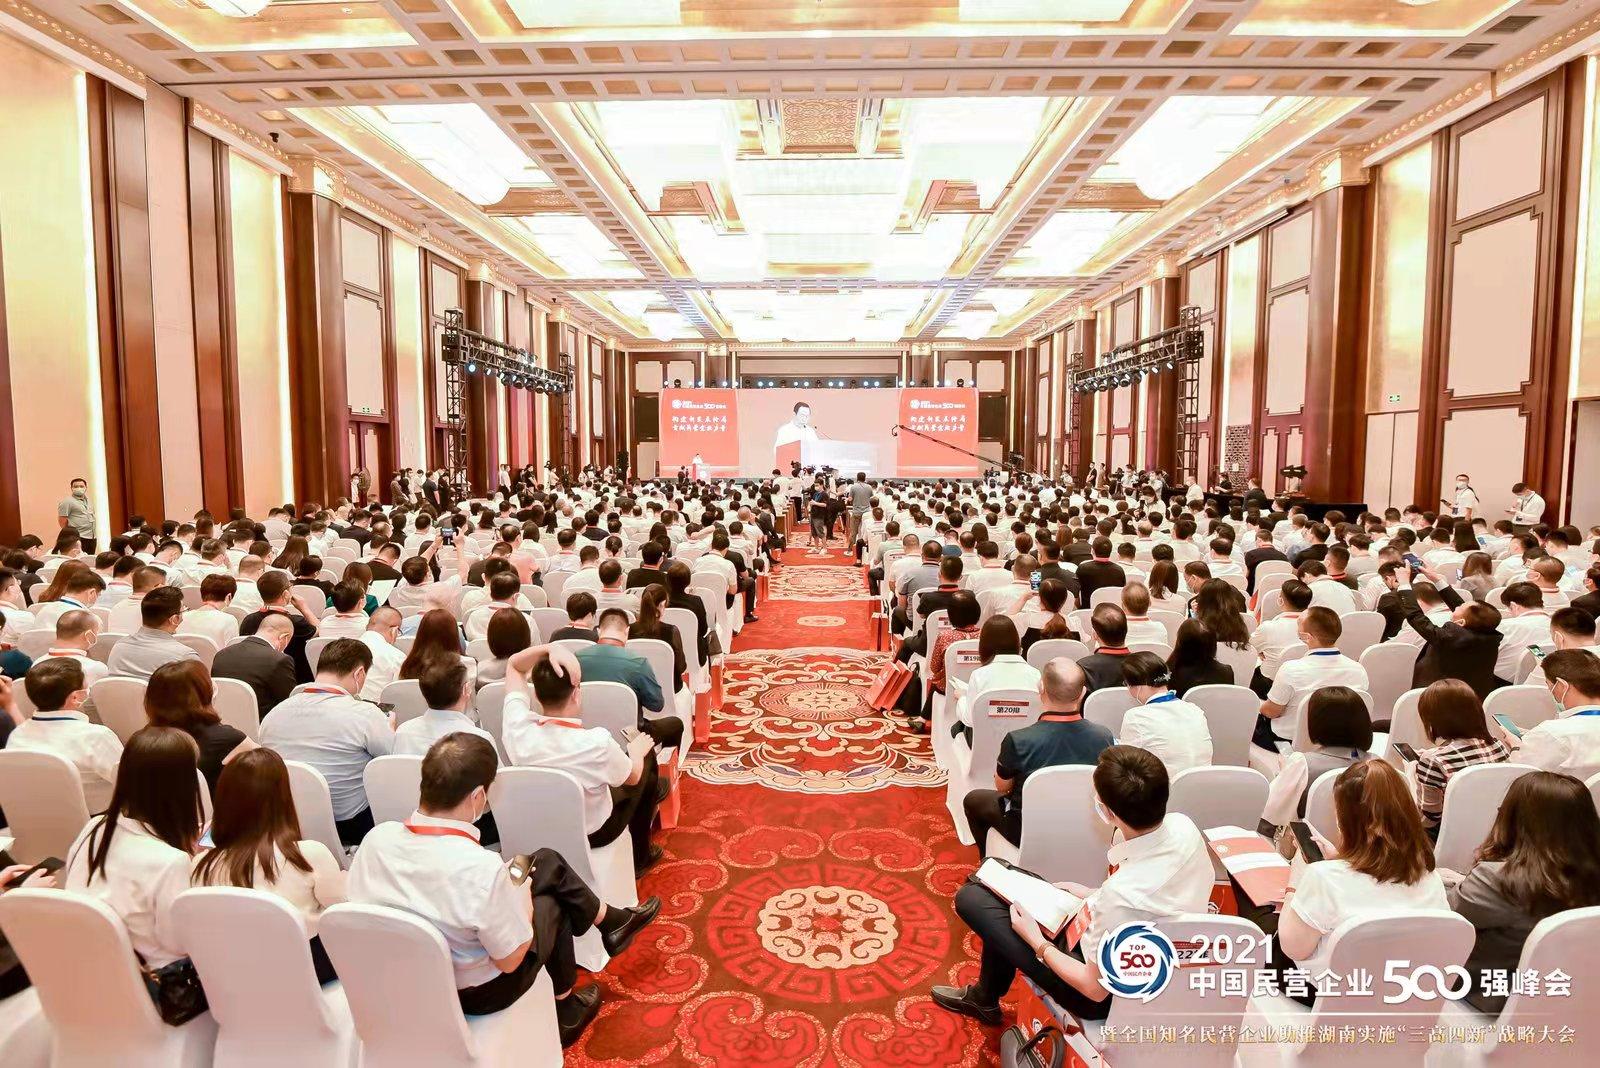 全国工商联发布:融侨荣膺2021中国民营企业84强,福建第2